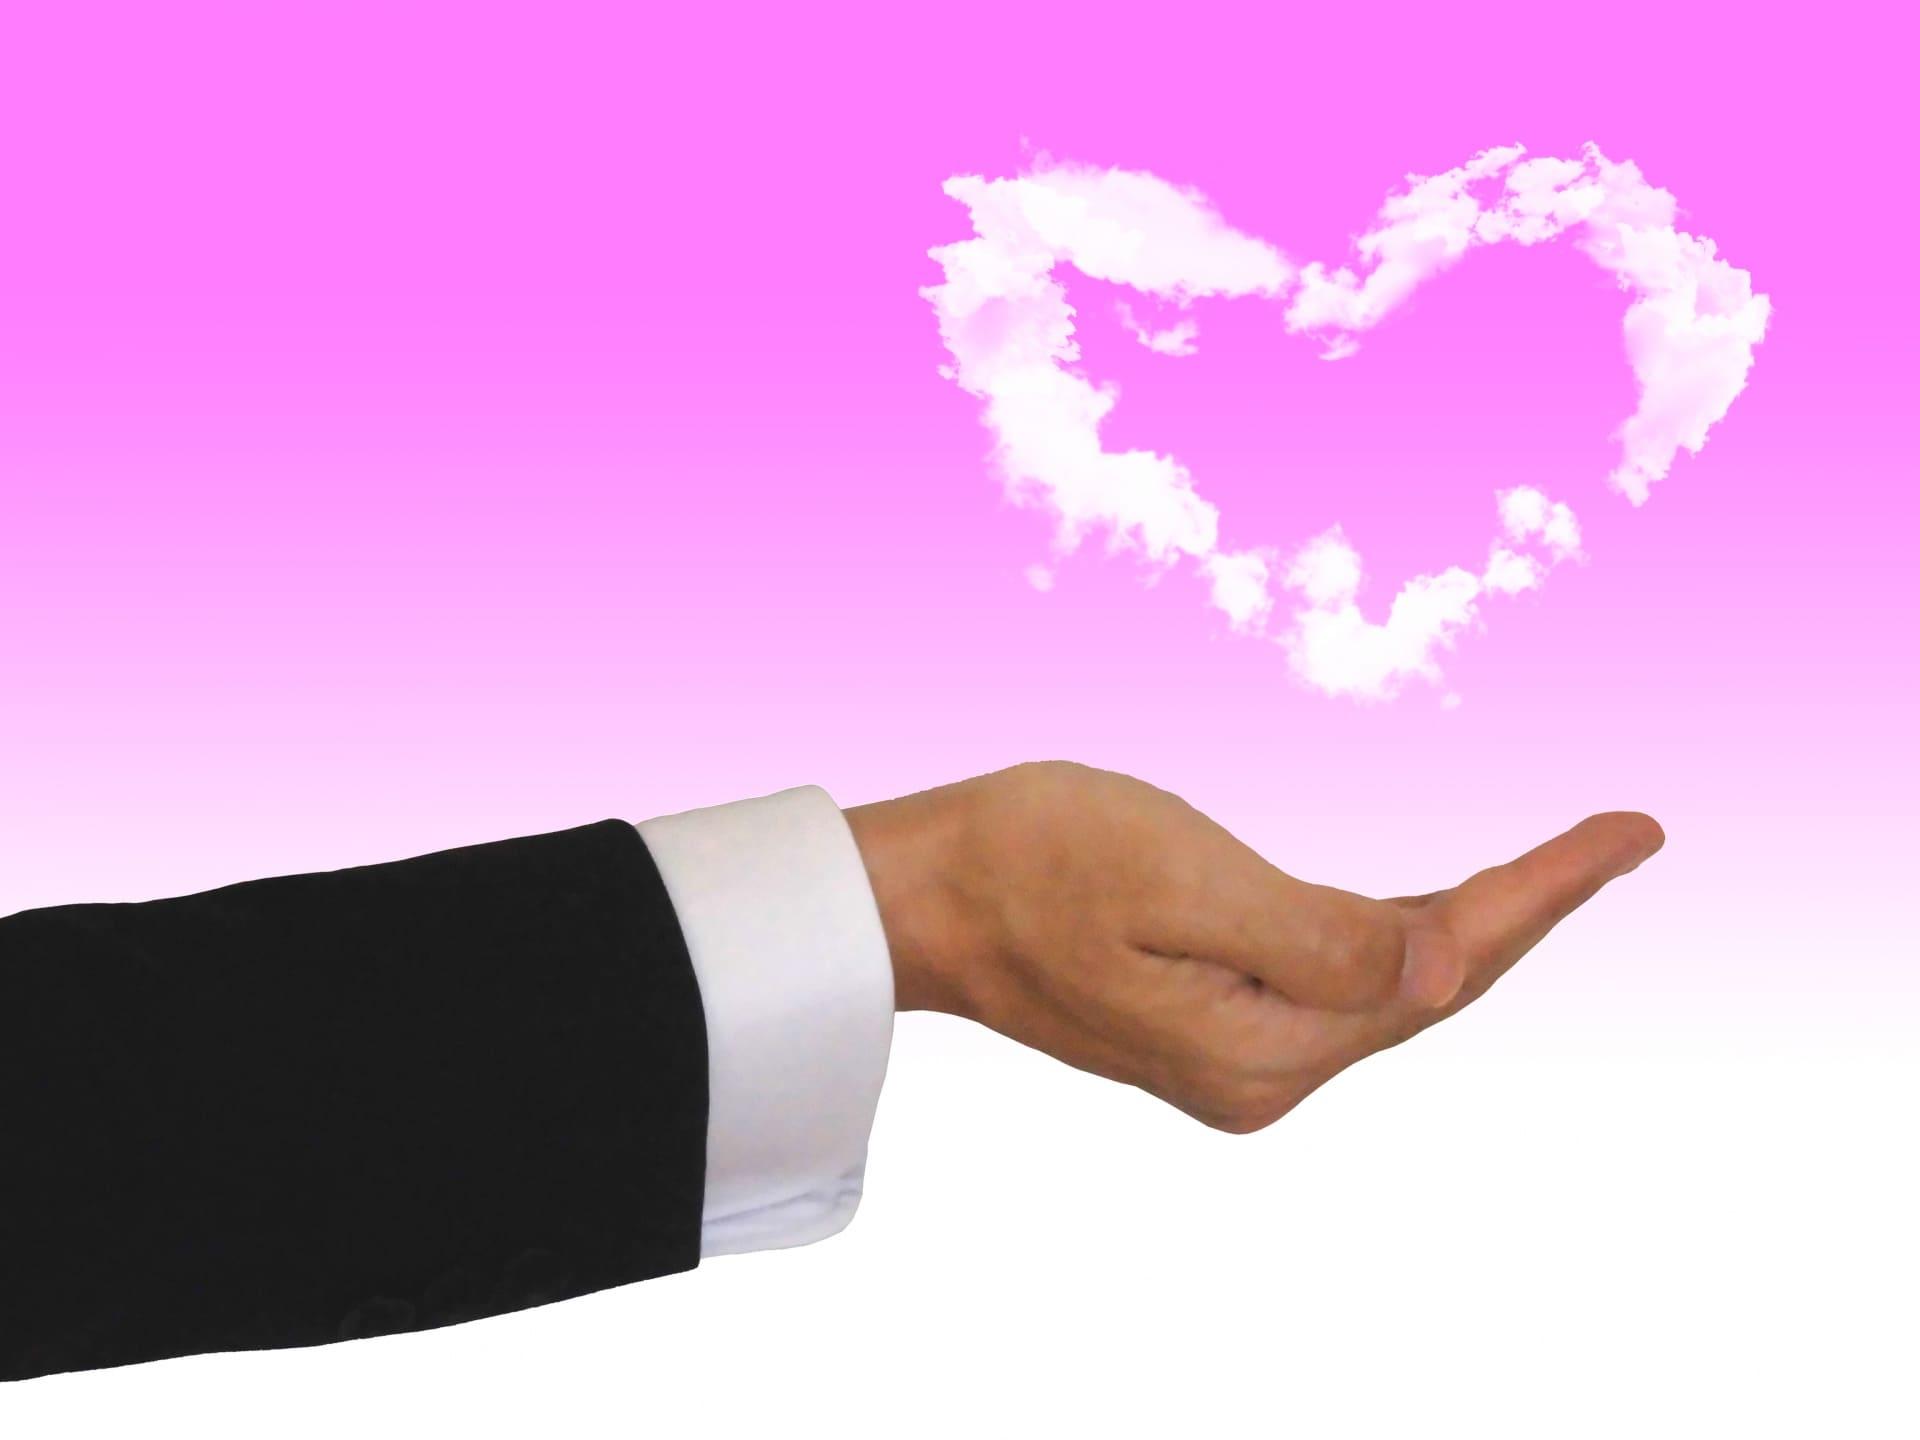 片思い占い|相手の本音×2人の関係が変わる恋の転機⇒転機後の相手の答え